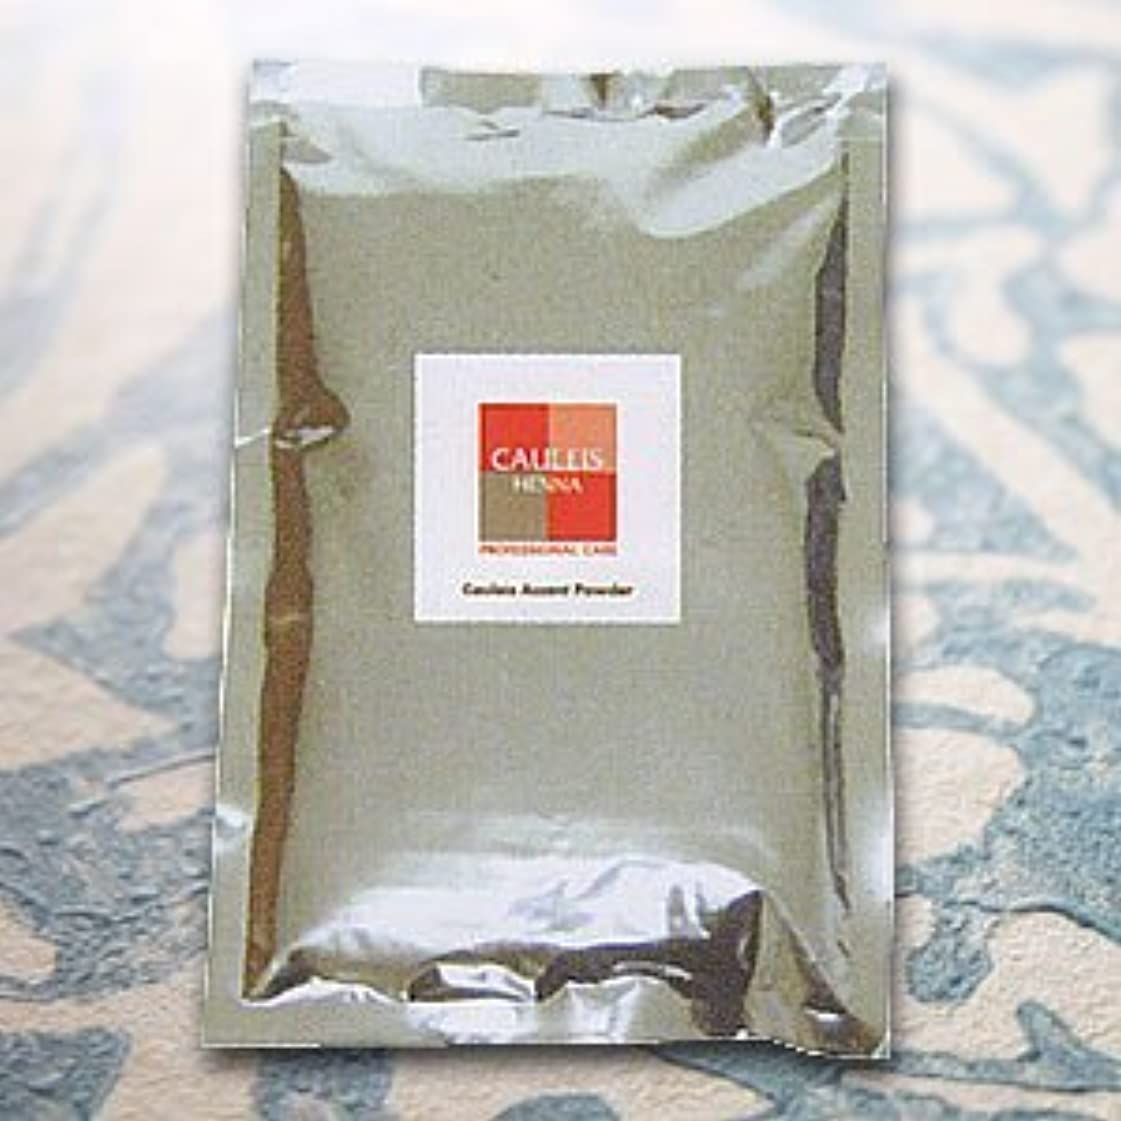 毎日スキップ控えるコーリーズヘナ 補助剤 アクセントパウダー (HC染料) 60g×5